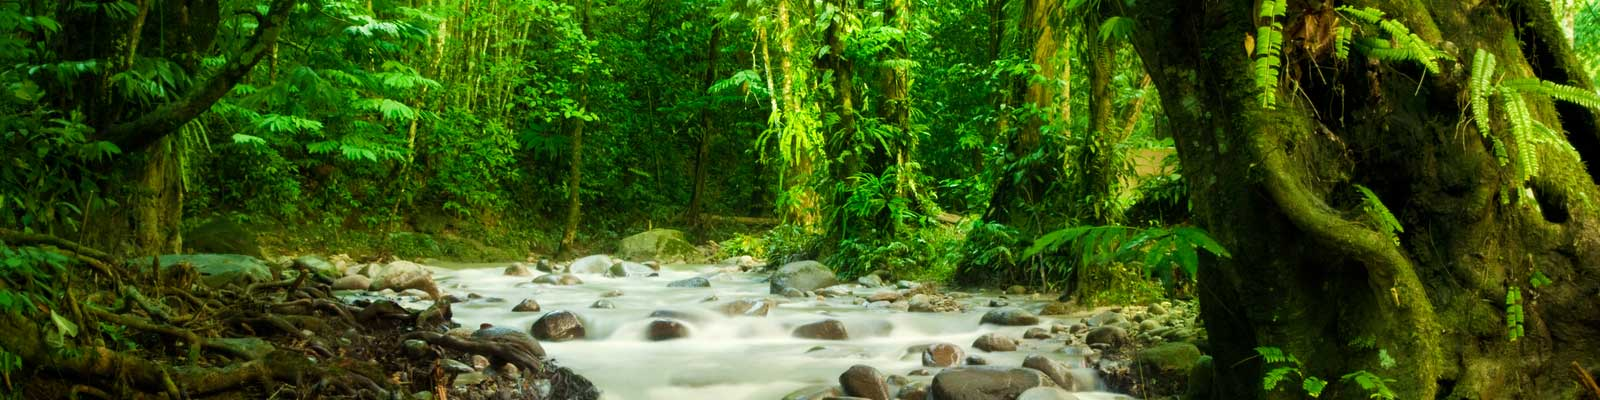 Costa Rica Immobilien - Ferienhaus, Luxusimmobilien, Strandimmobilie - Leben, Urlaub, Investieren